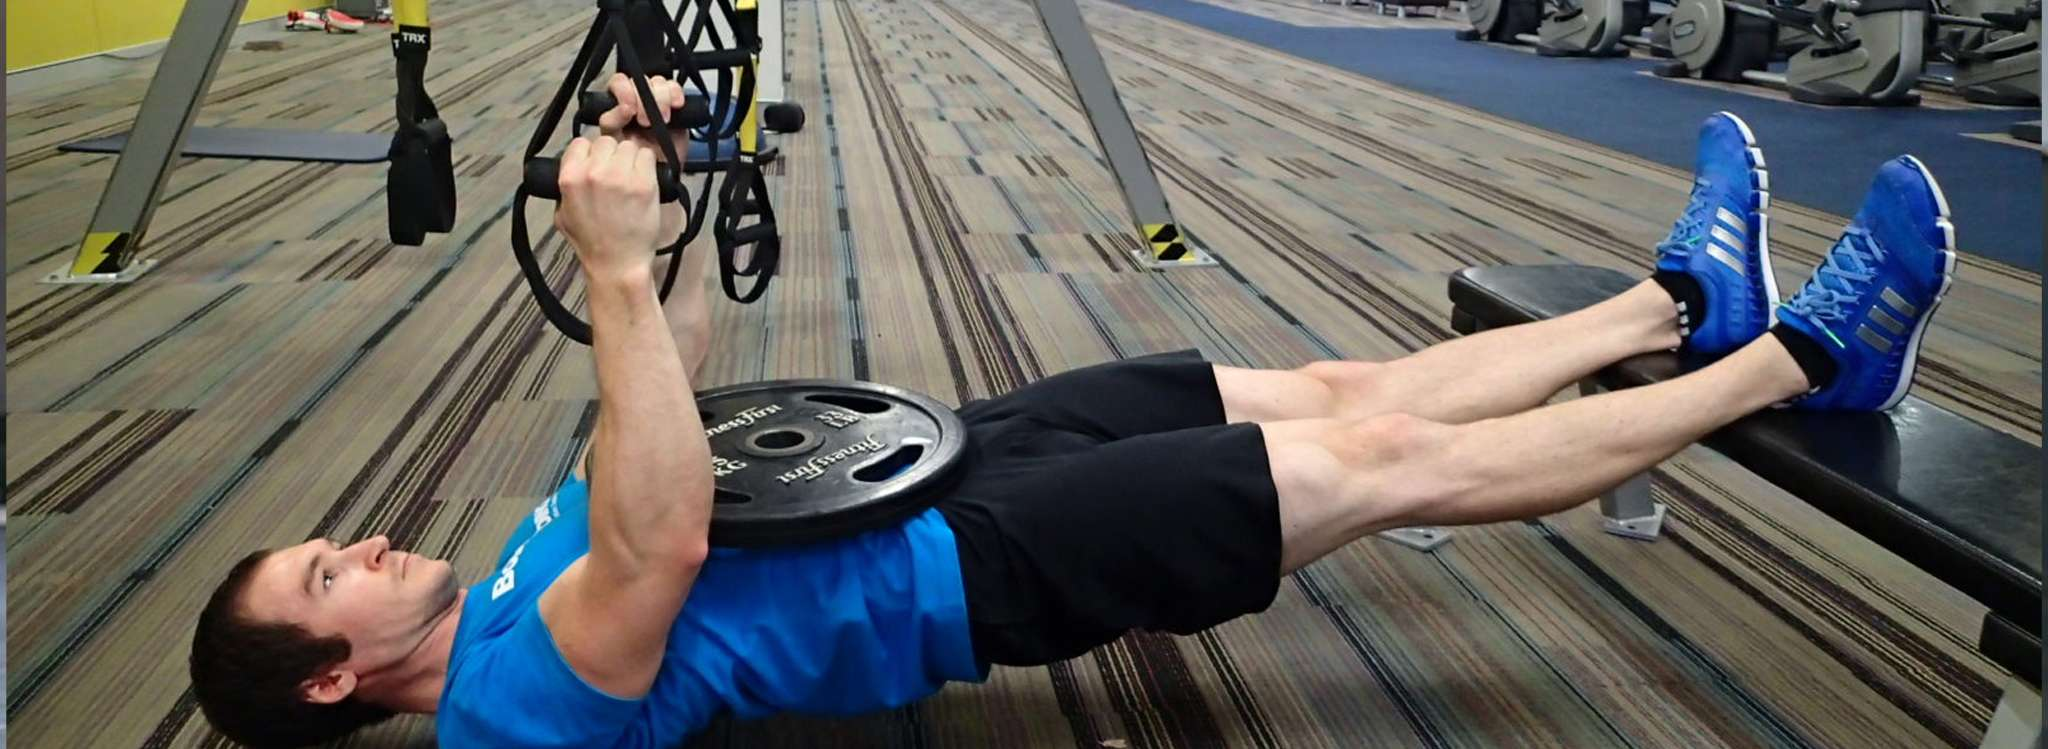 Top 30 bài tập lưng xô cho nam giới hiệu quả nhất sẽ giúp bạn sở hữu tâm lưng rộng dày đẹp nhất.